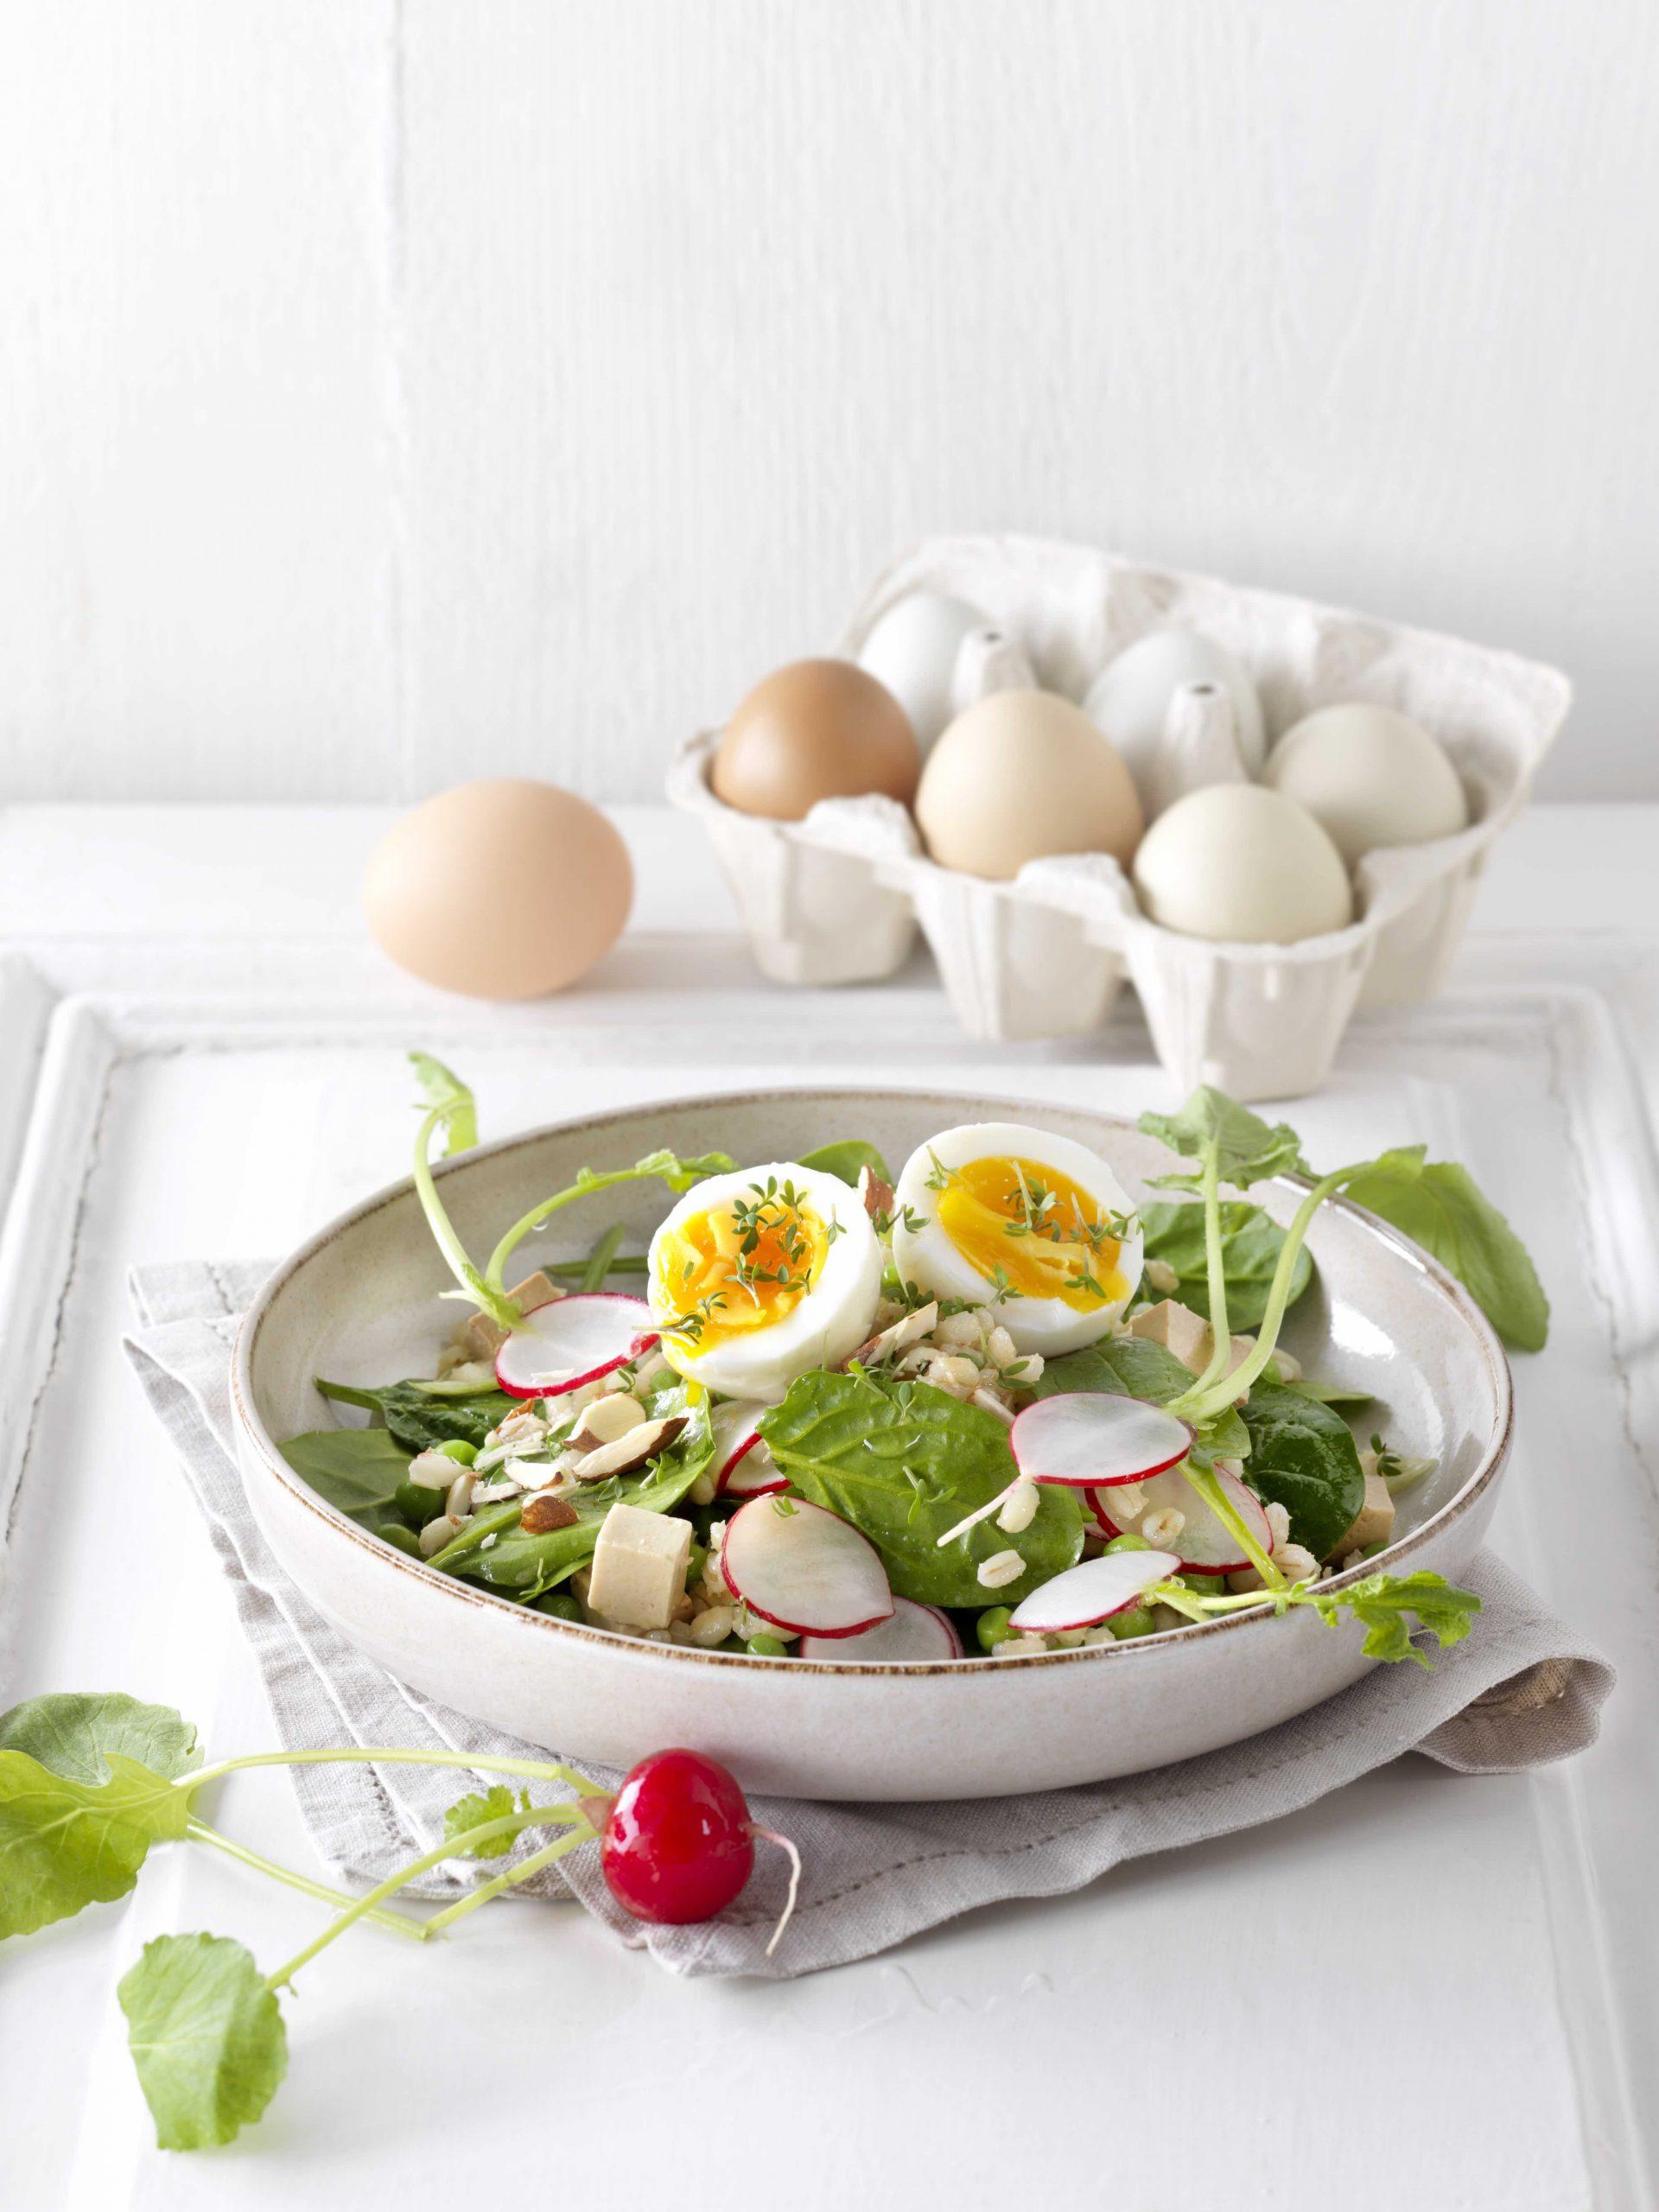 Sommerküche: Graupensalat mit Spinat, Tofu & Ei